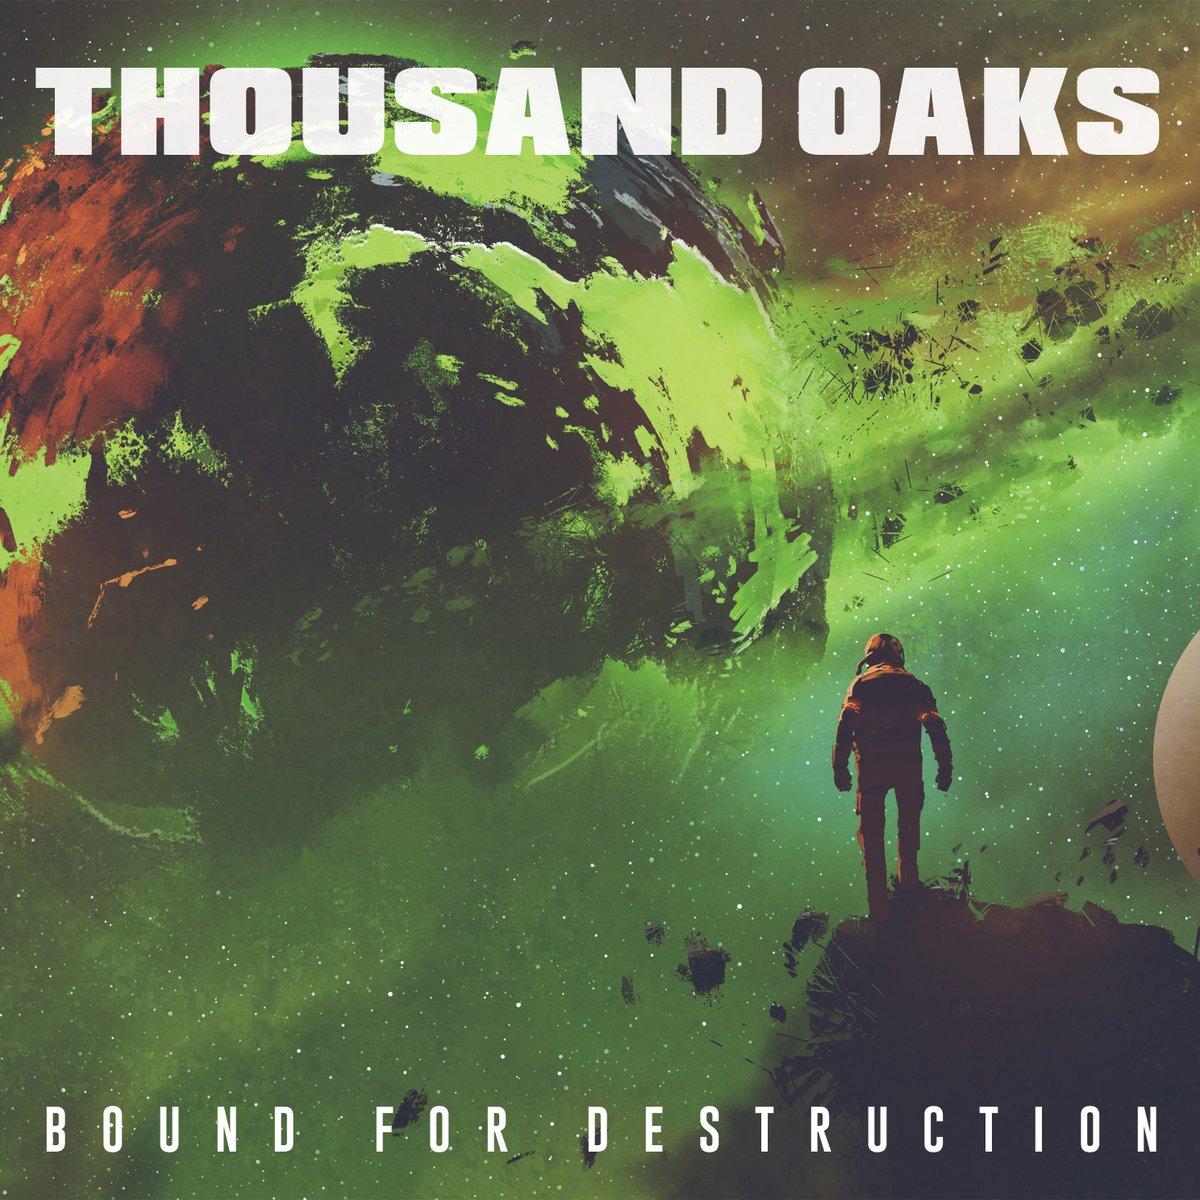 Thousand Oaks - Bound For Destruction